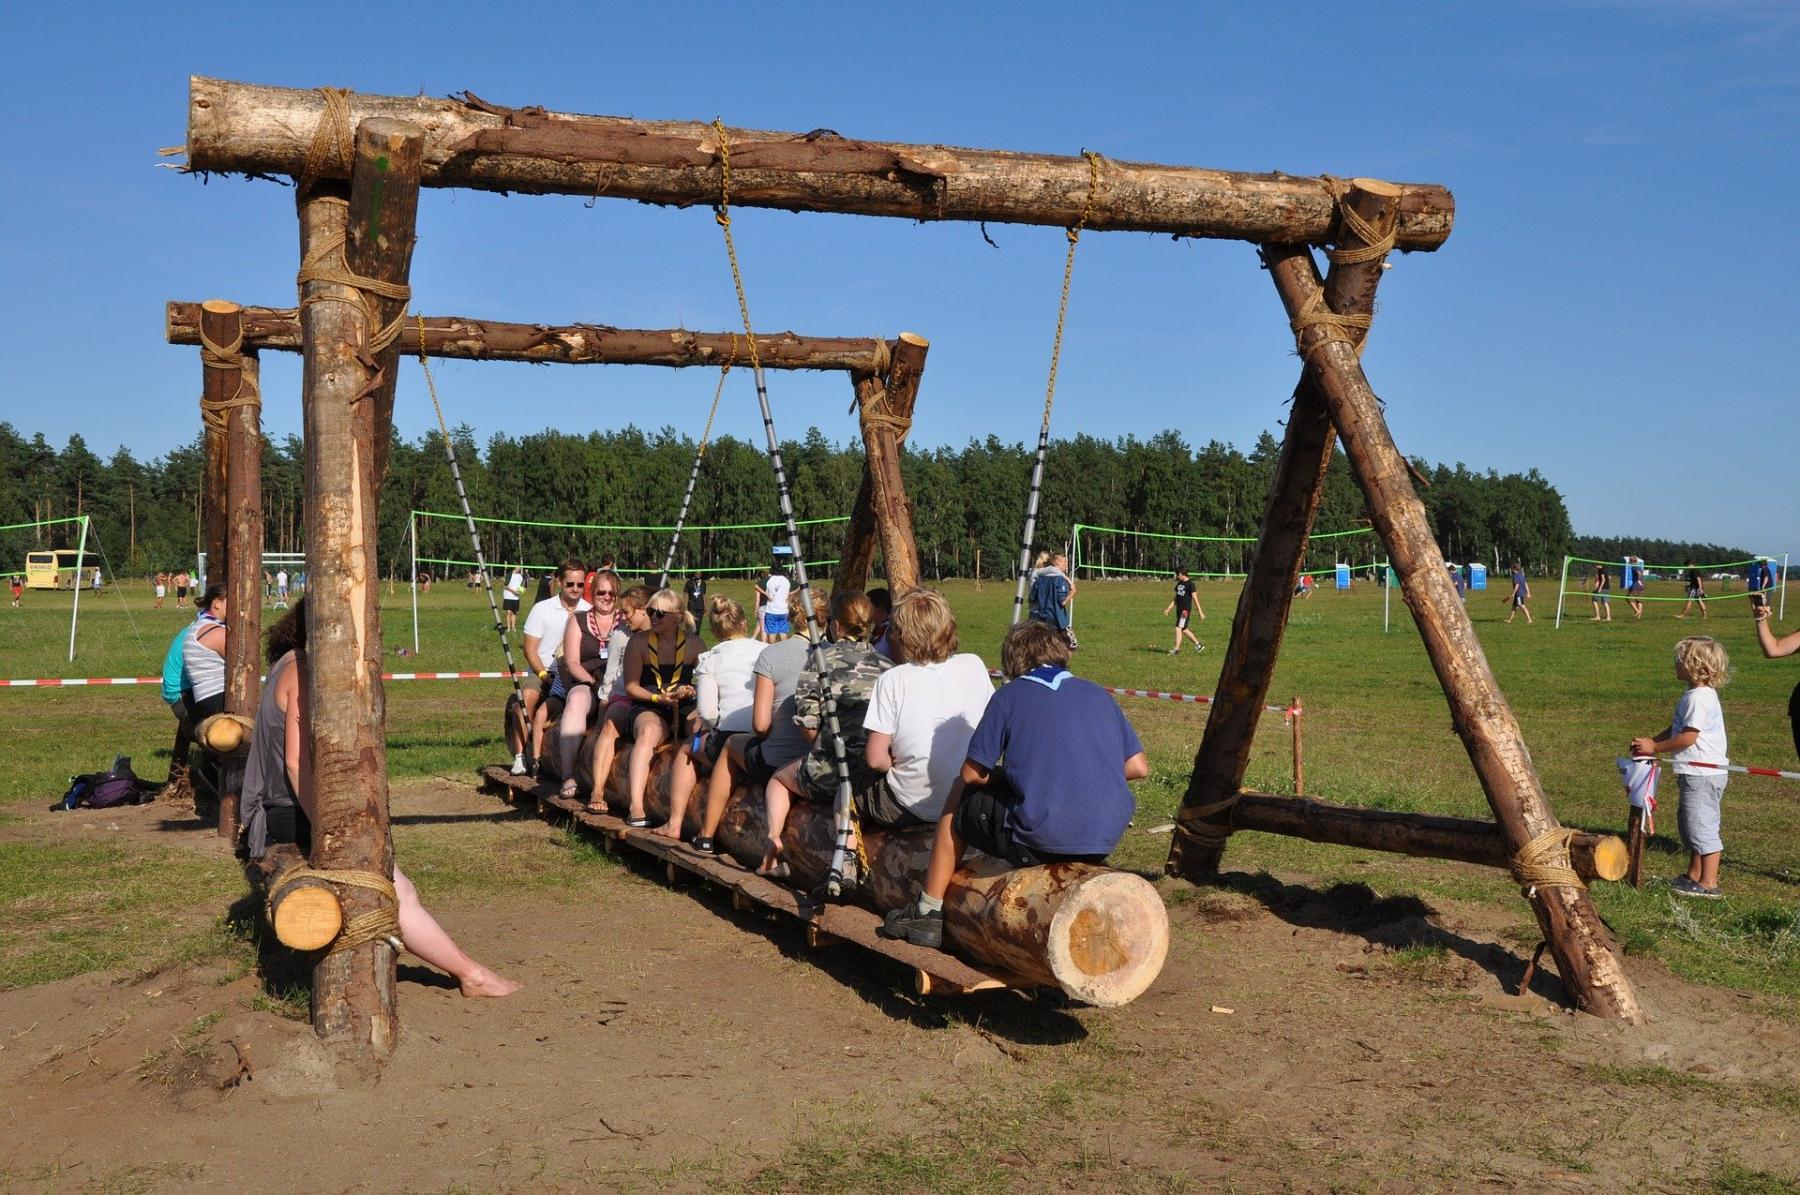 фото С ковидными не контактировал: в летние лагеря Новосибирской области не пустят без специальной справки 2